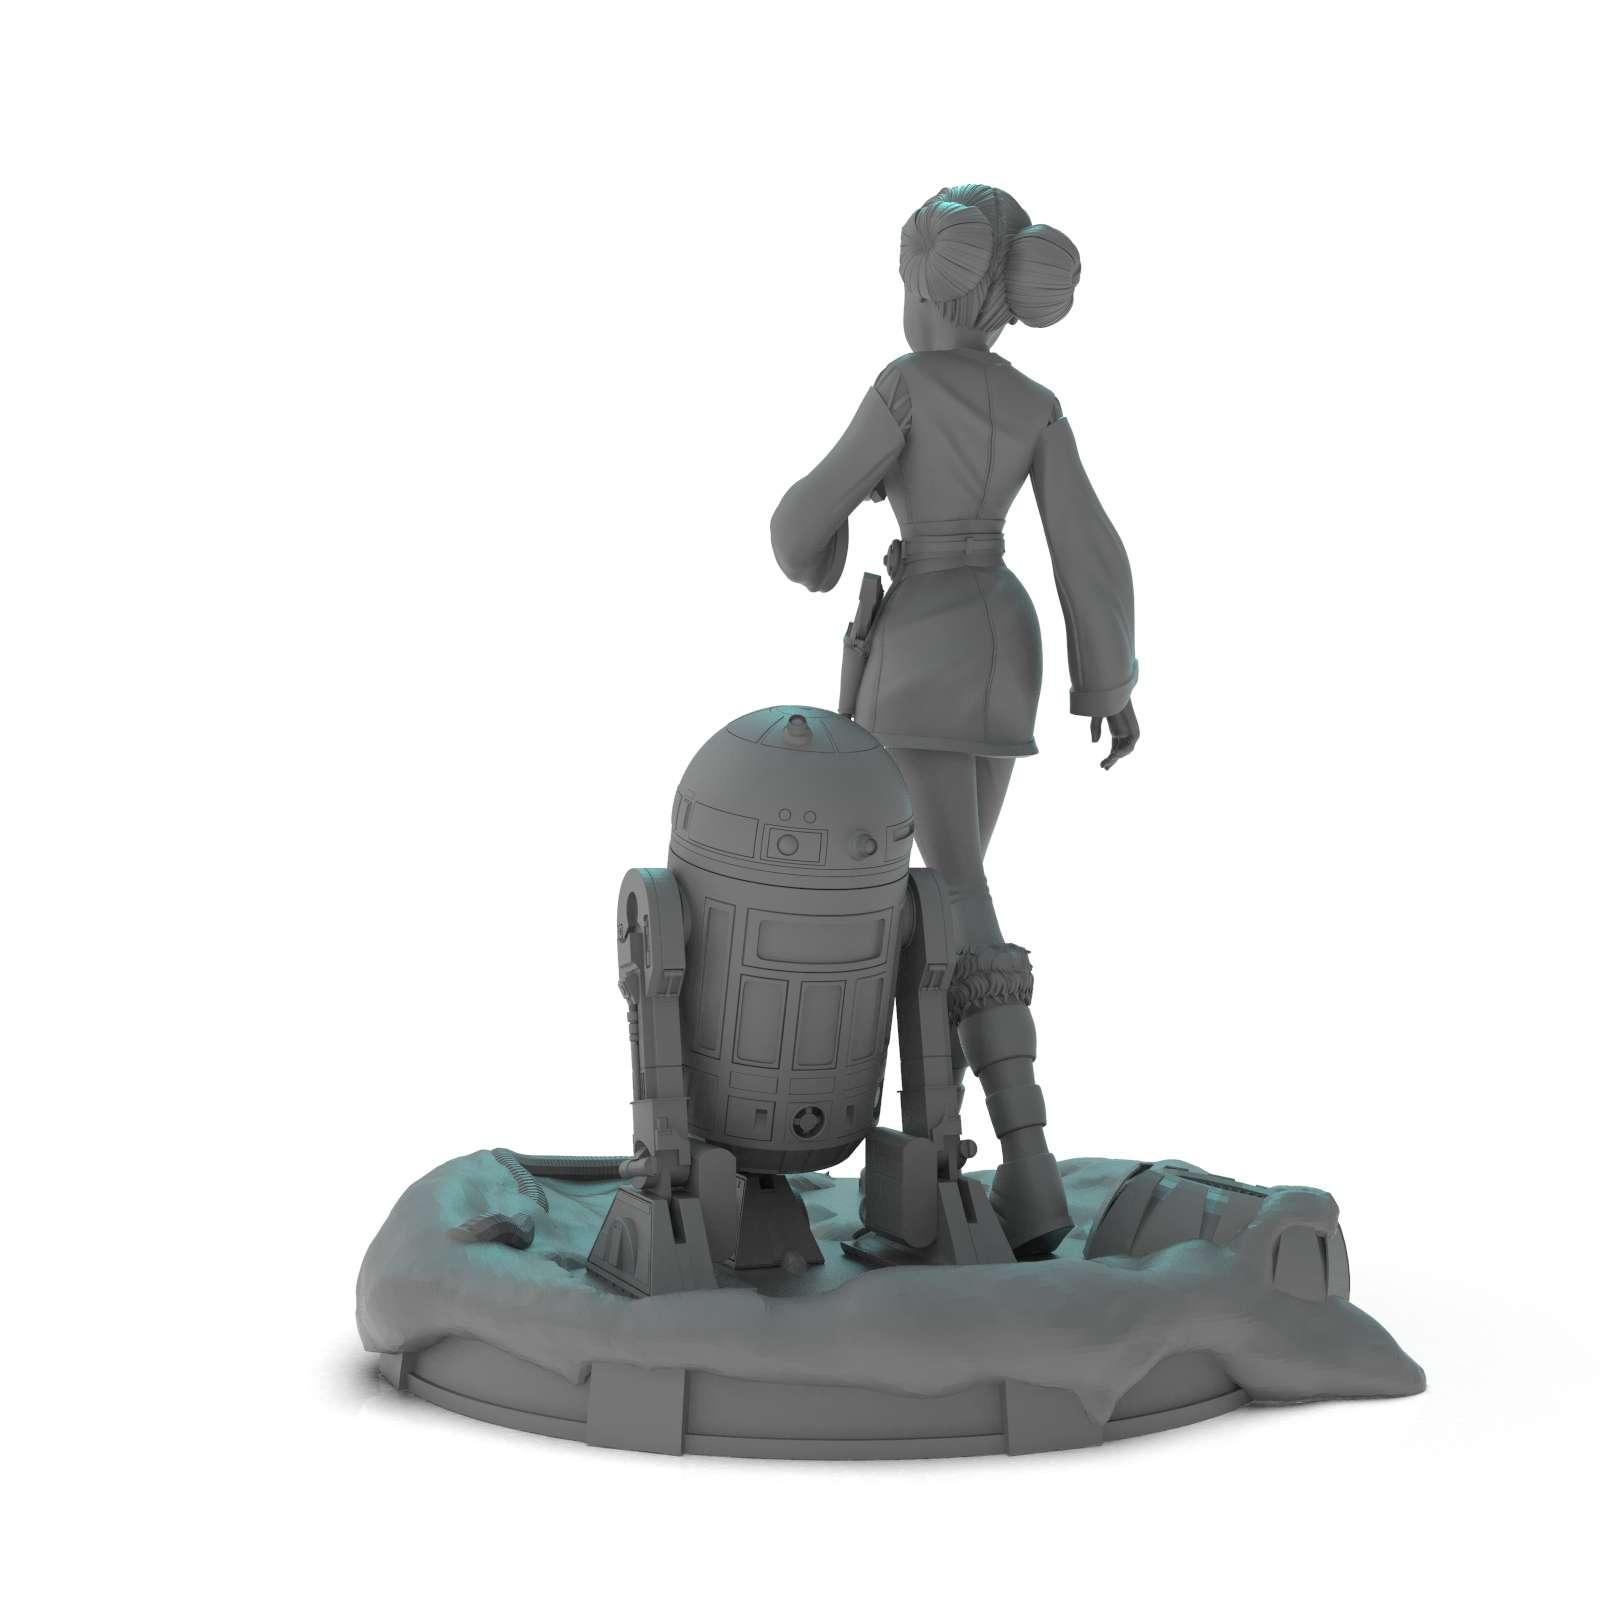 Padme and R2 -  Padmé Amidala (Star Wars) + R2D2 + Base height 25cm 16-part model with plug-in plugs compatible with resin printer with printing area 68mm x 120mm x 150 - Os melhores arquivos para impressão 3D do mundo. Modelos stl divididos em partes para facilitar a impressão 3D. Todos os tipos de personagens, decoração, cosplay, próteses, peças. Qualidade na impressão 3D. Modelos 3D com preço acessível. Baixo custo. Compras coletivas de arquivos 3D.